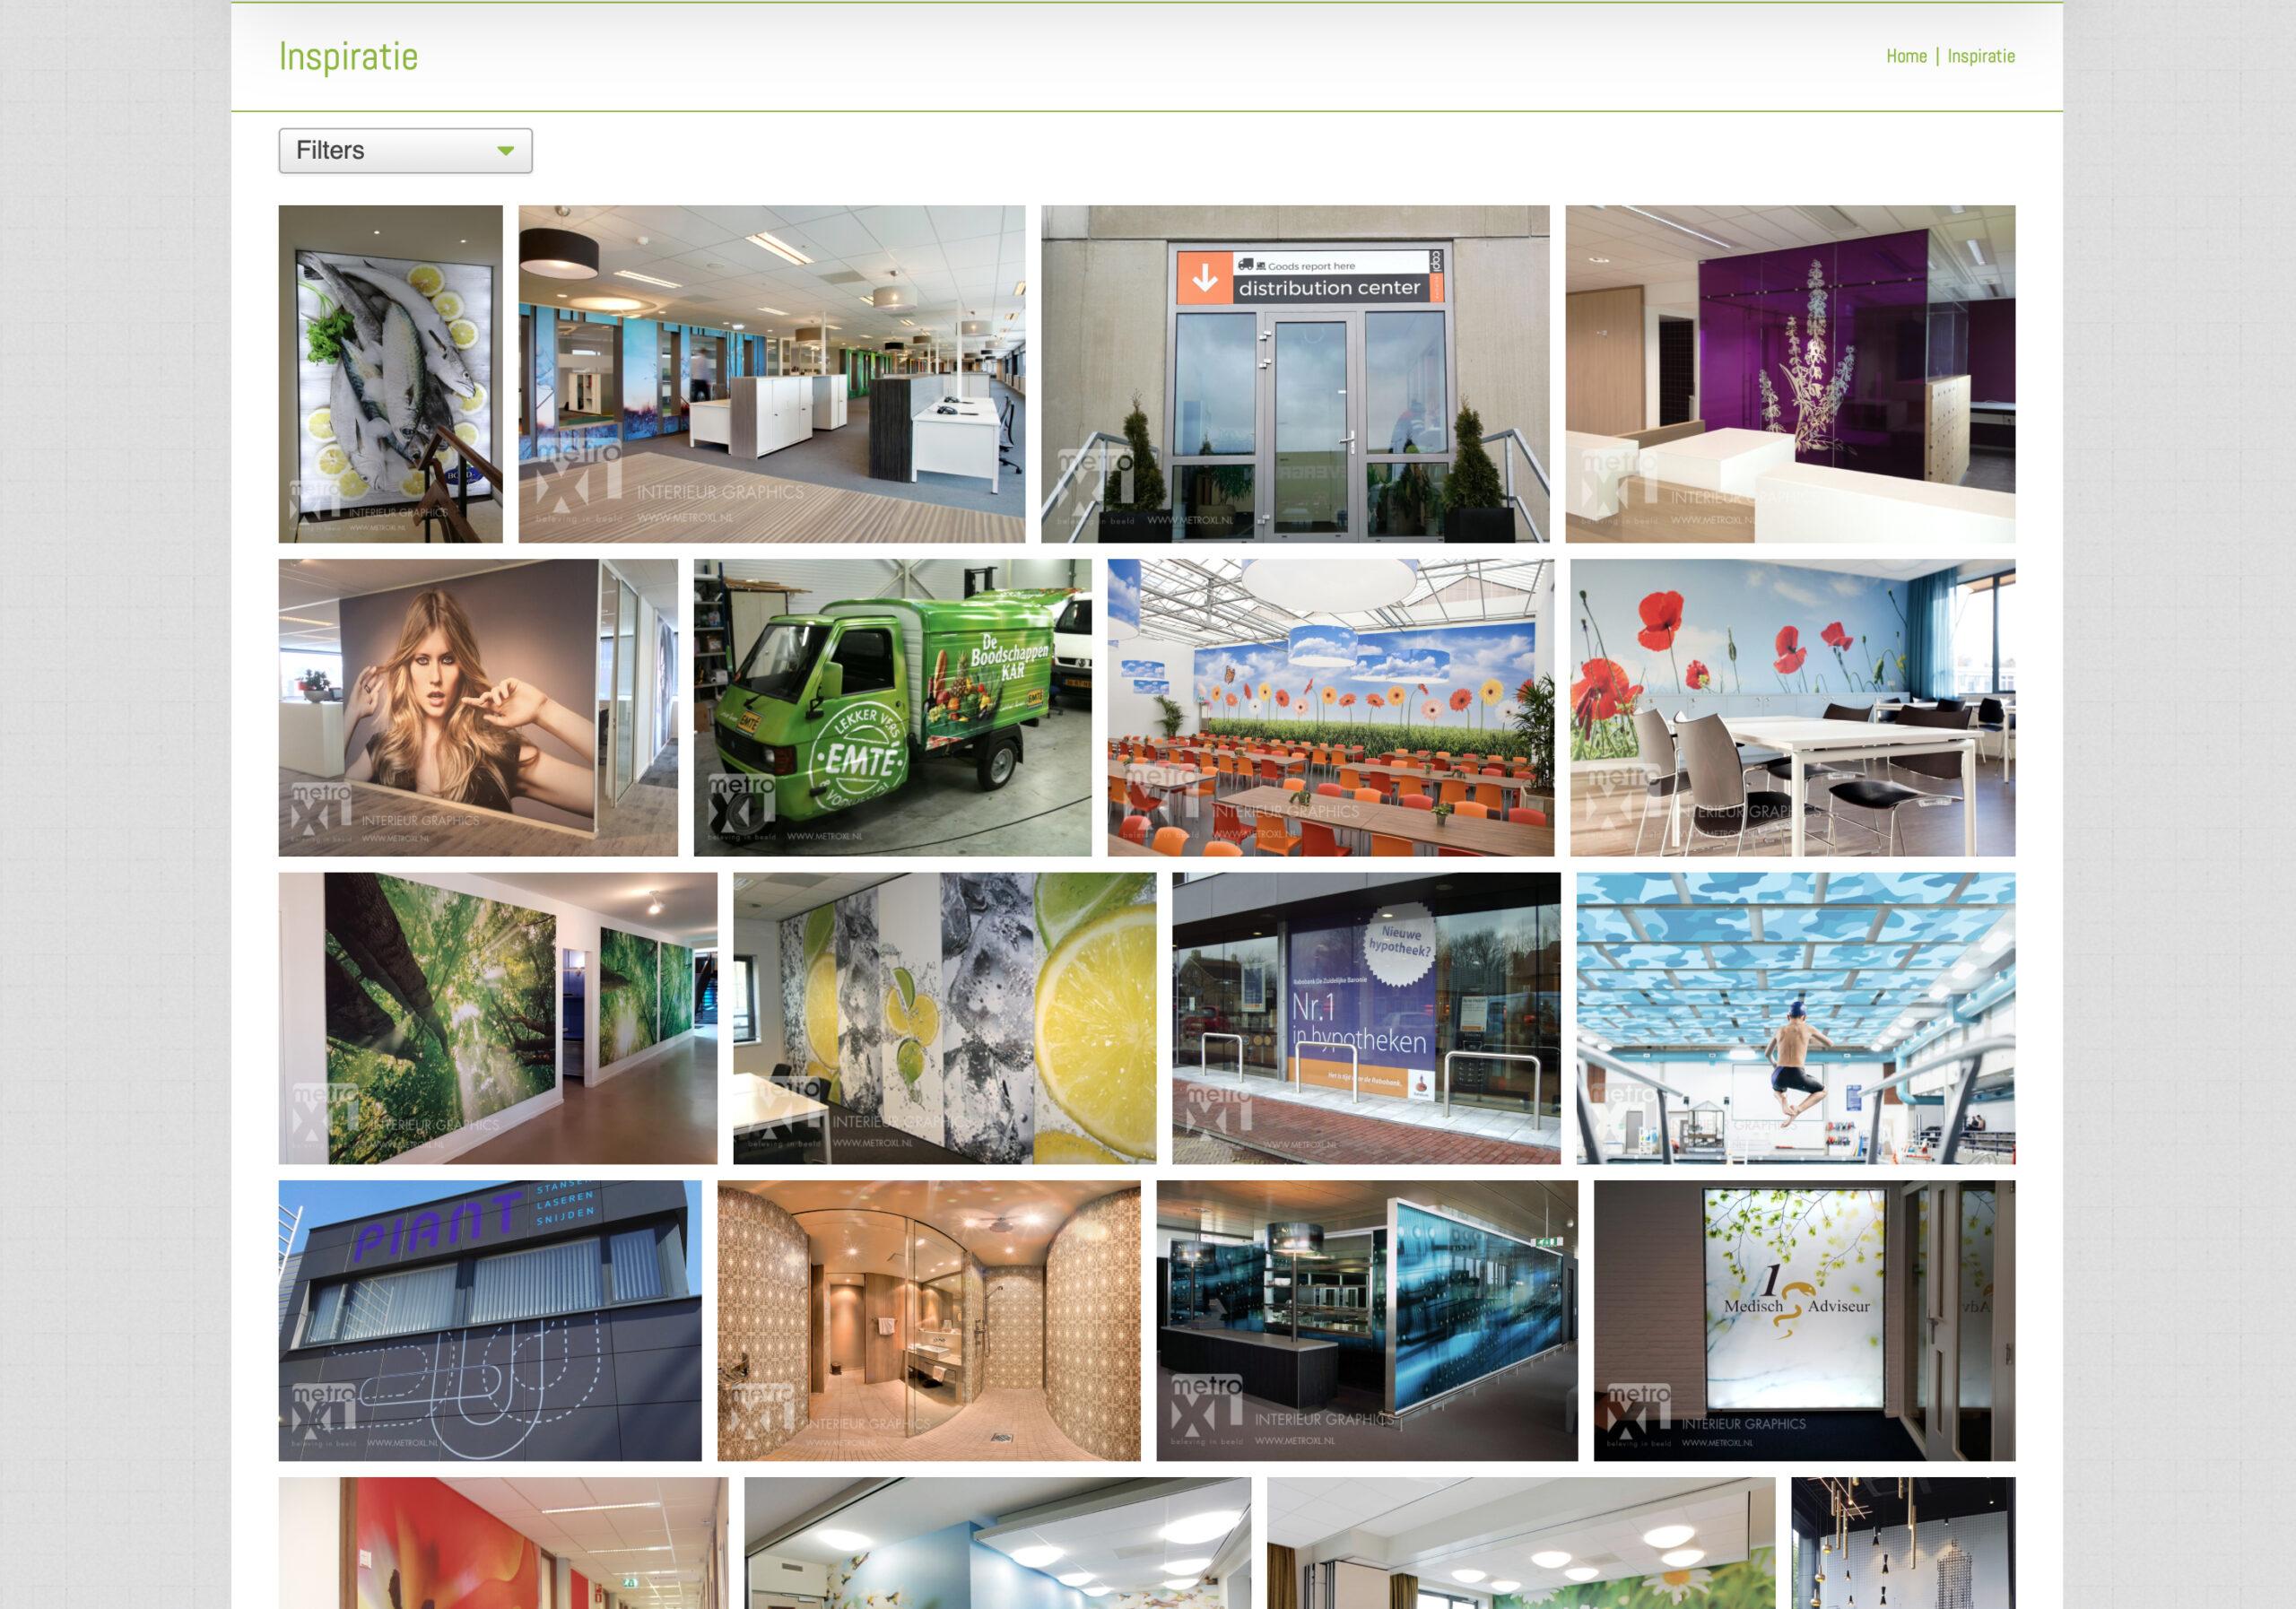 inspiratie van MetroXL projecten voorbeelden producten